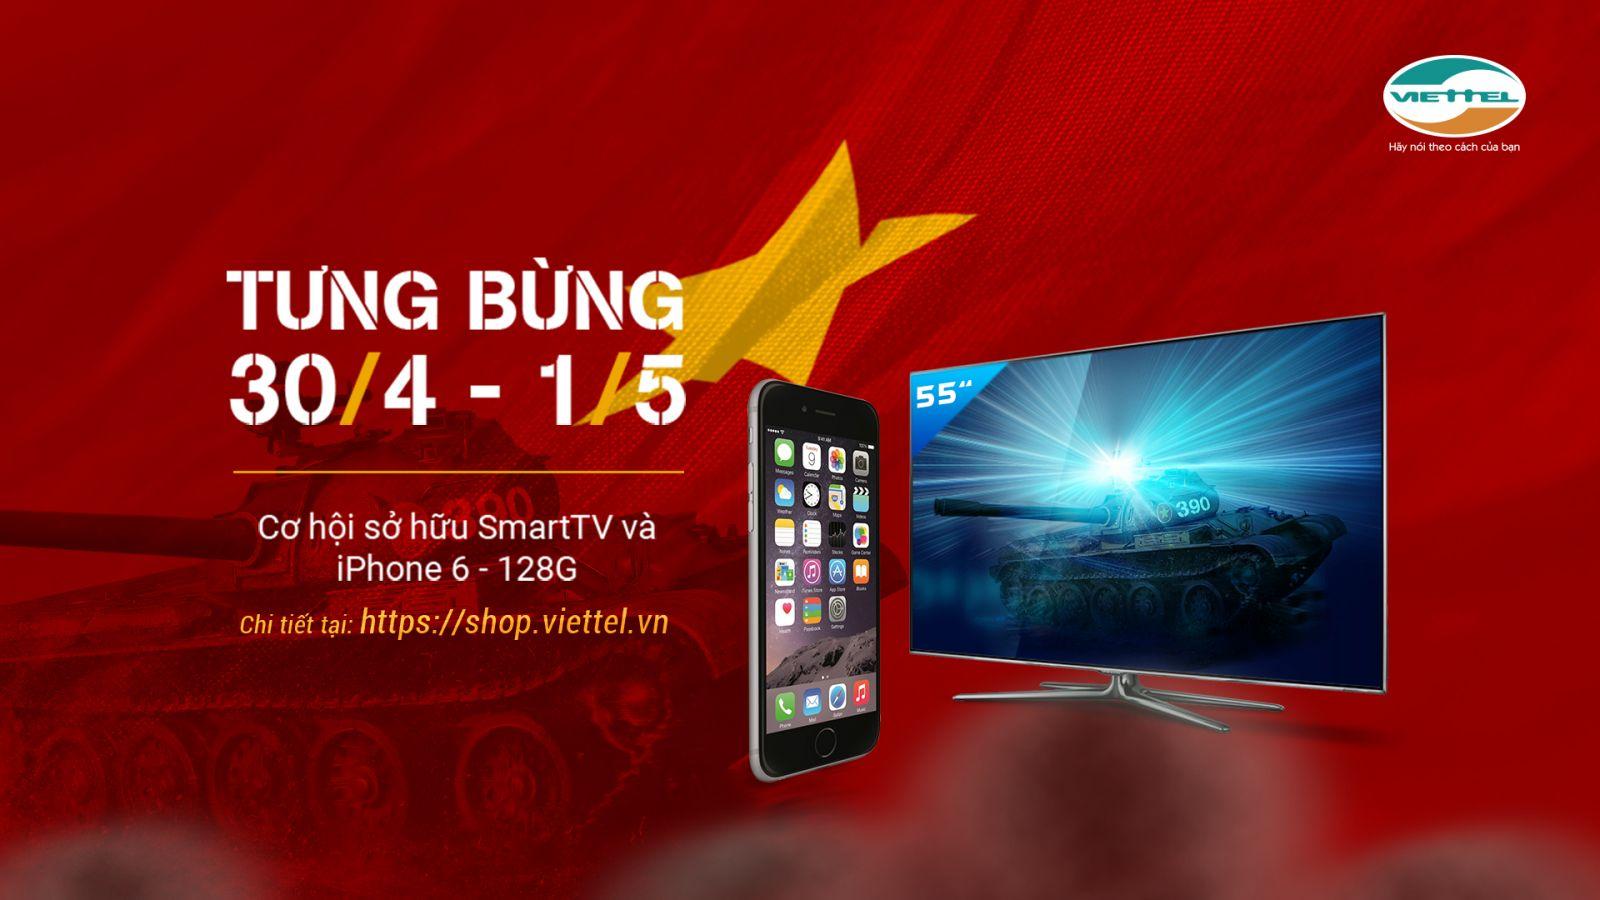 Khuyến mại viettel trúng TV, iPhone nhân dịp 30/4